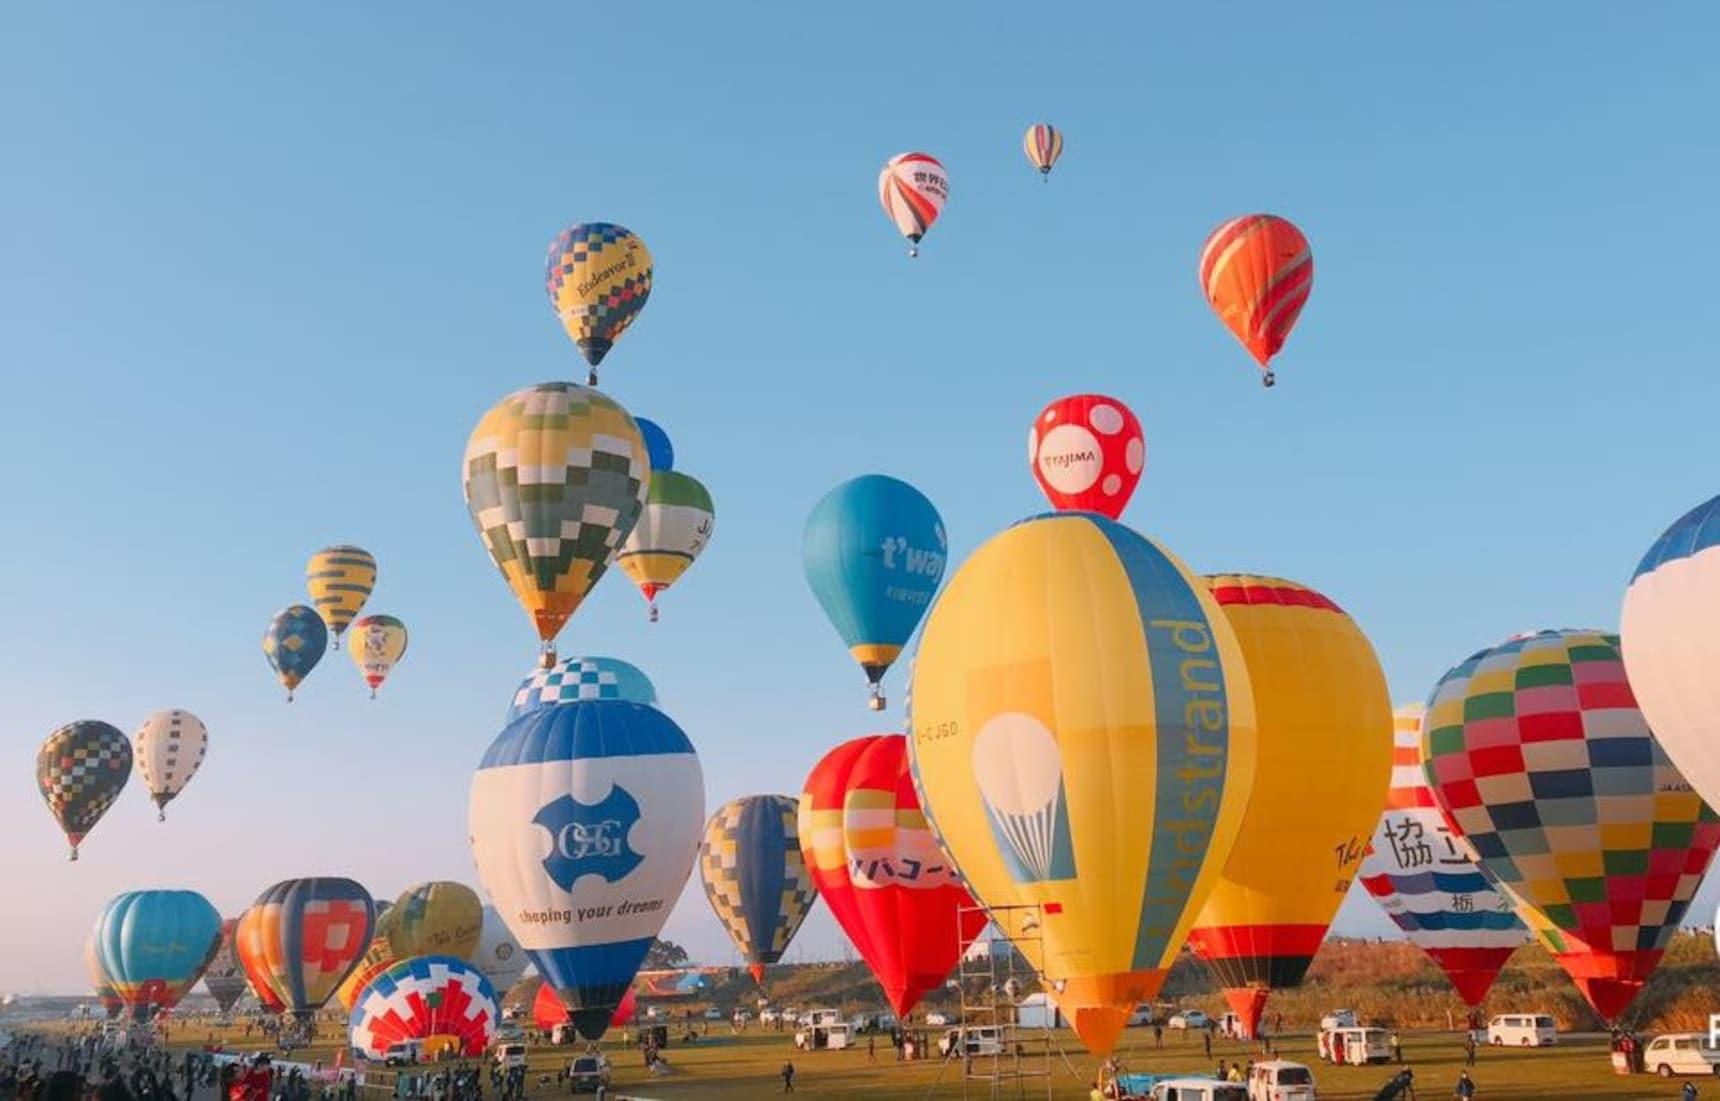 【佐賀自由行】清晨限定的幸福!佐賀國際熱氣球嘉年華即將開跑